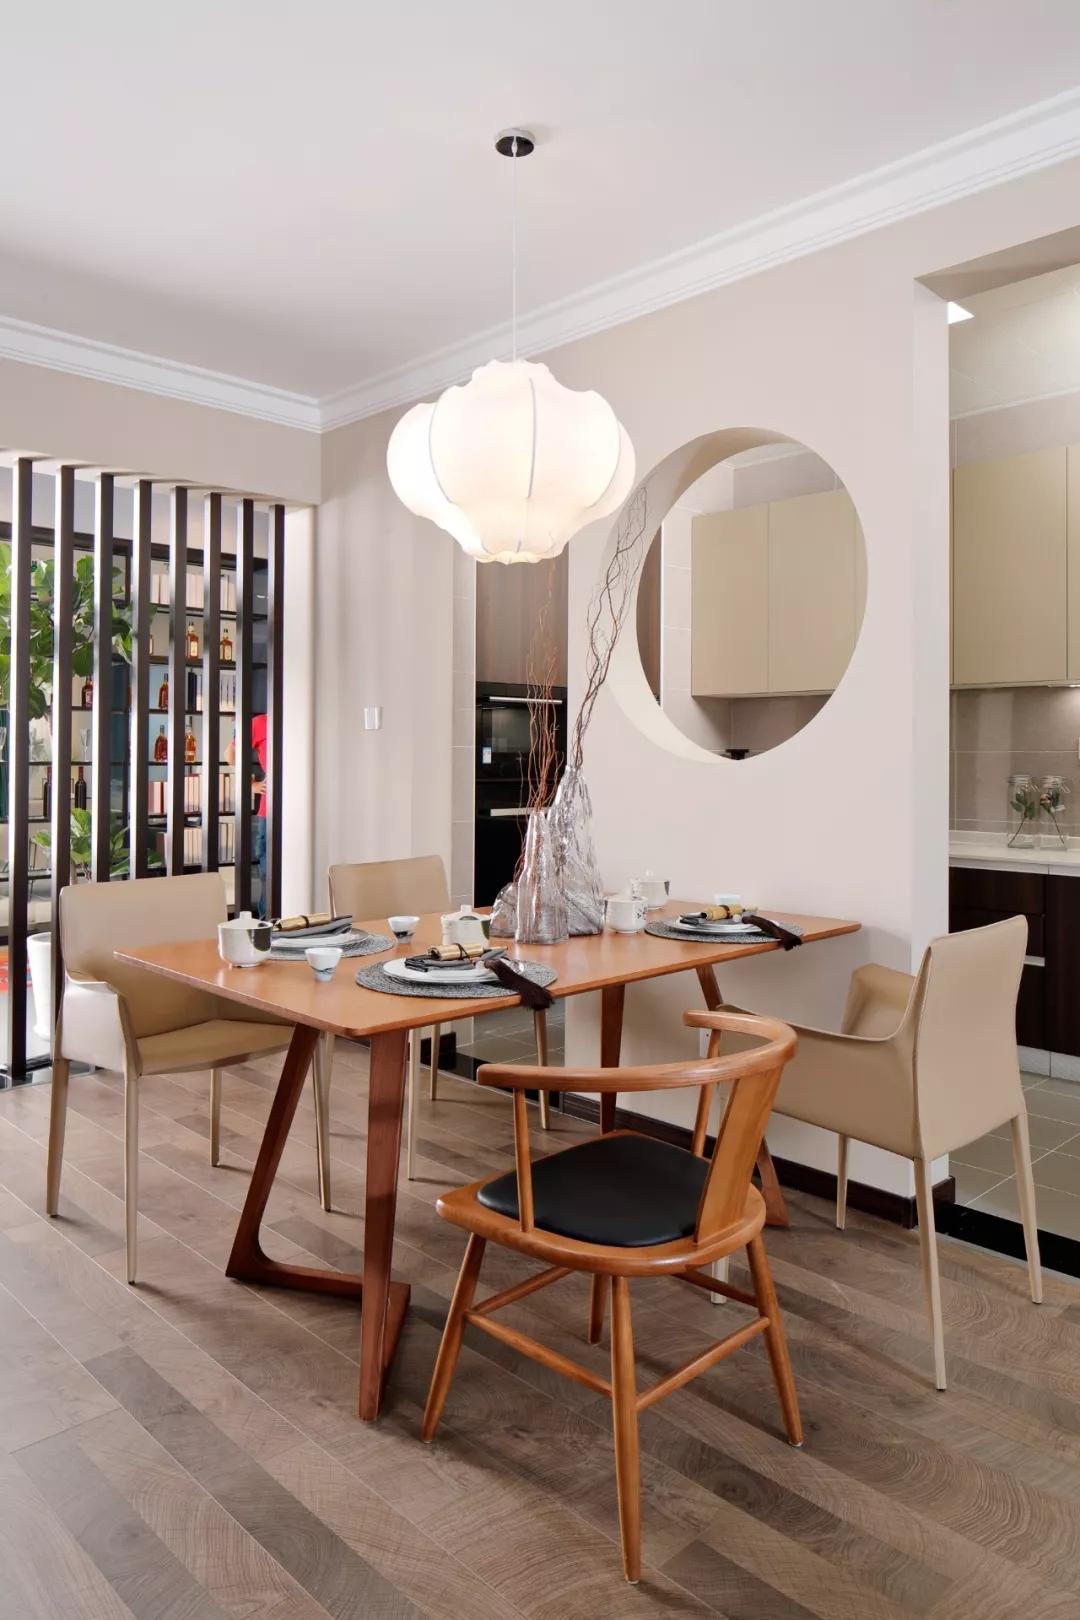 造型巧妙的餐桌椅设计给餐厅加了不少分,配上灯具莲花造型与客厅荷叶吊灯相呼应,营造出一种复古的气氛。